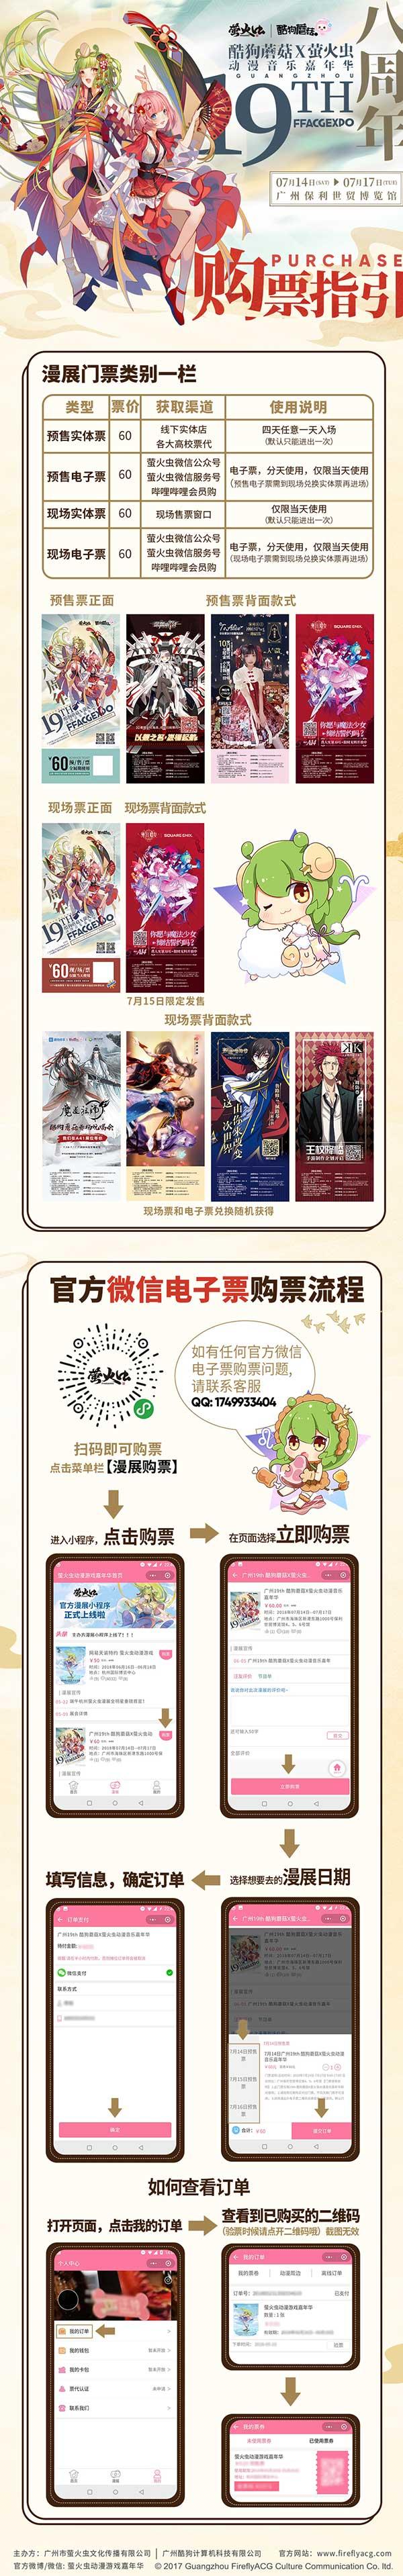 2018暑假广州萤火虫漫展购票方式有哪些?